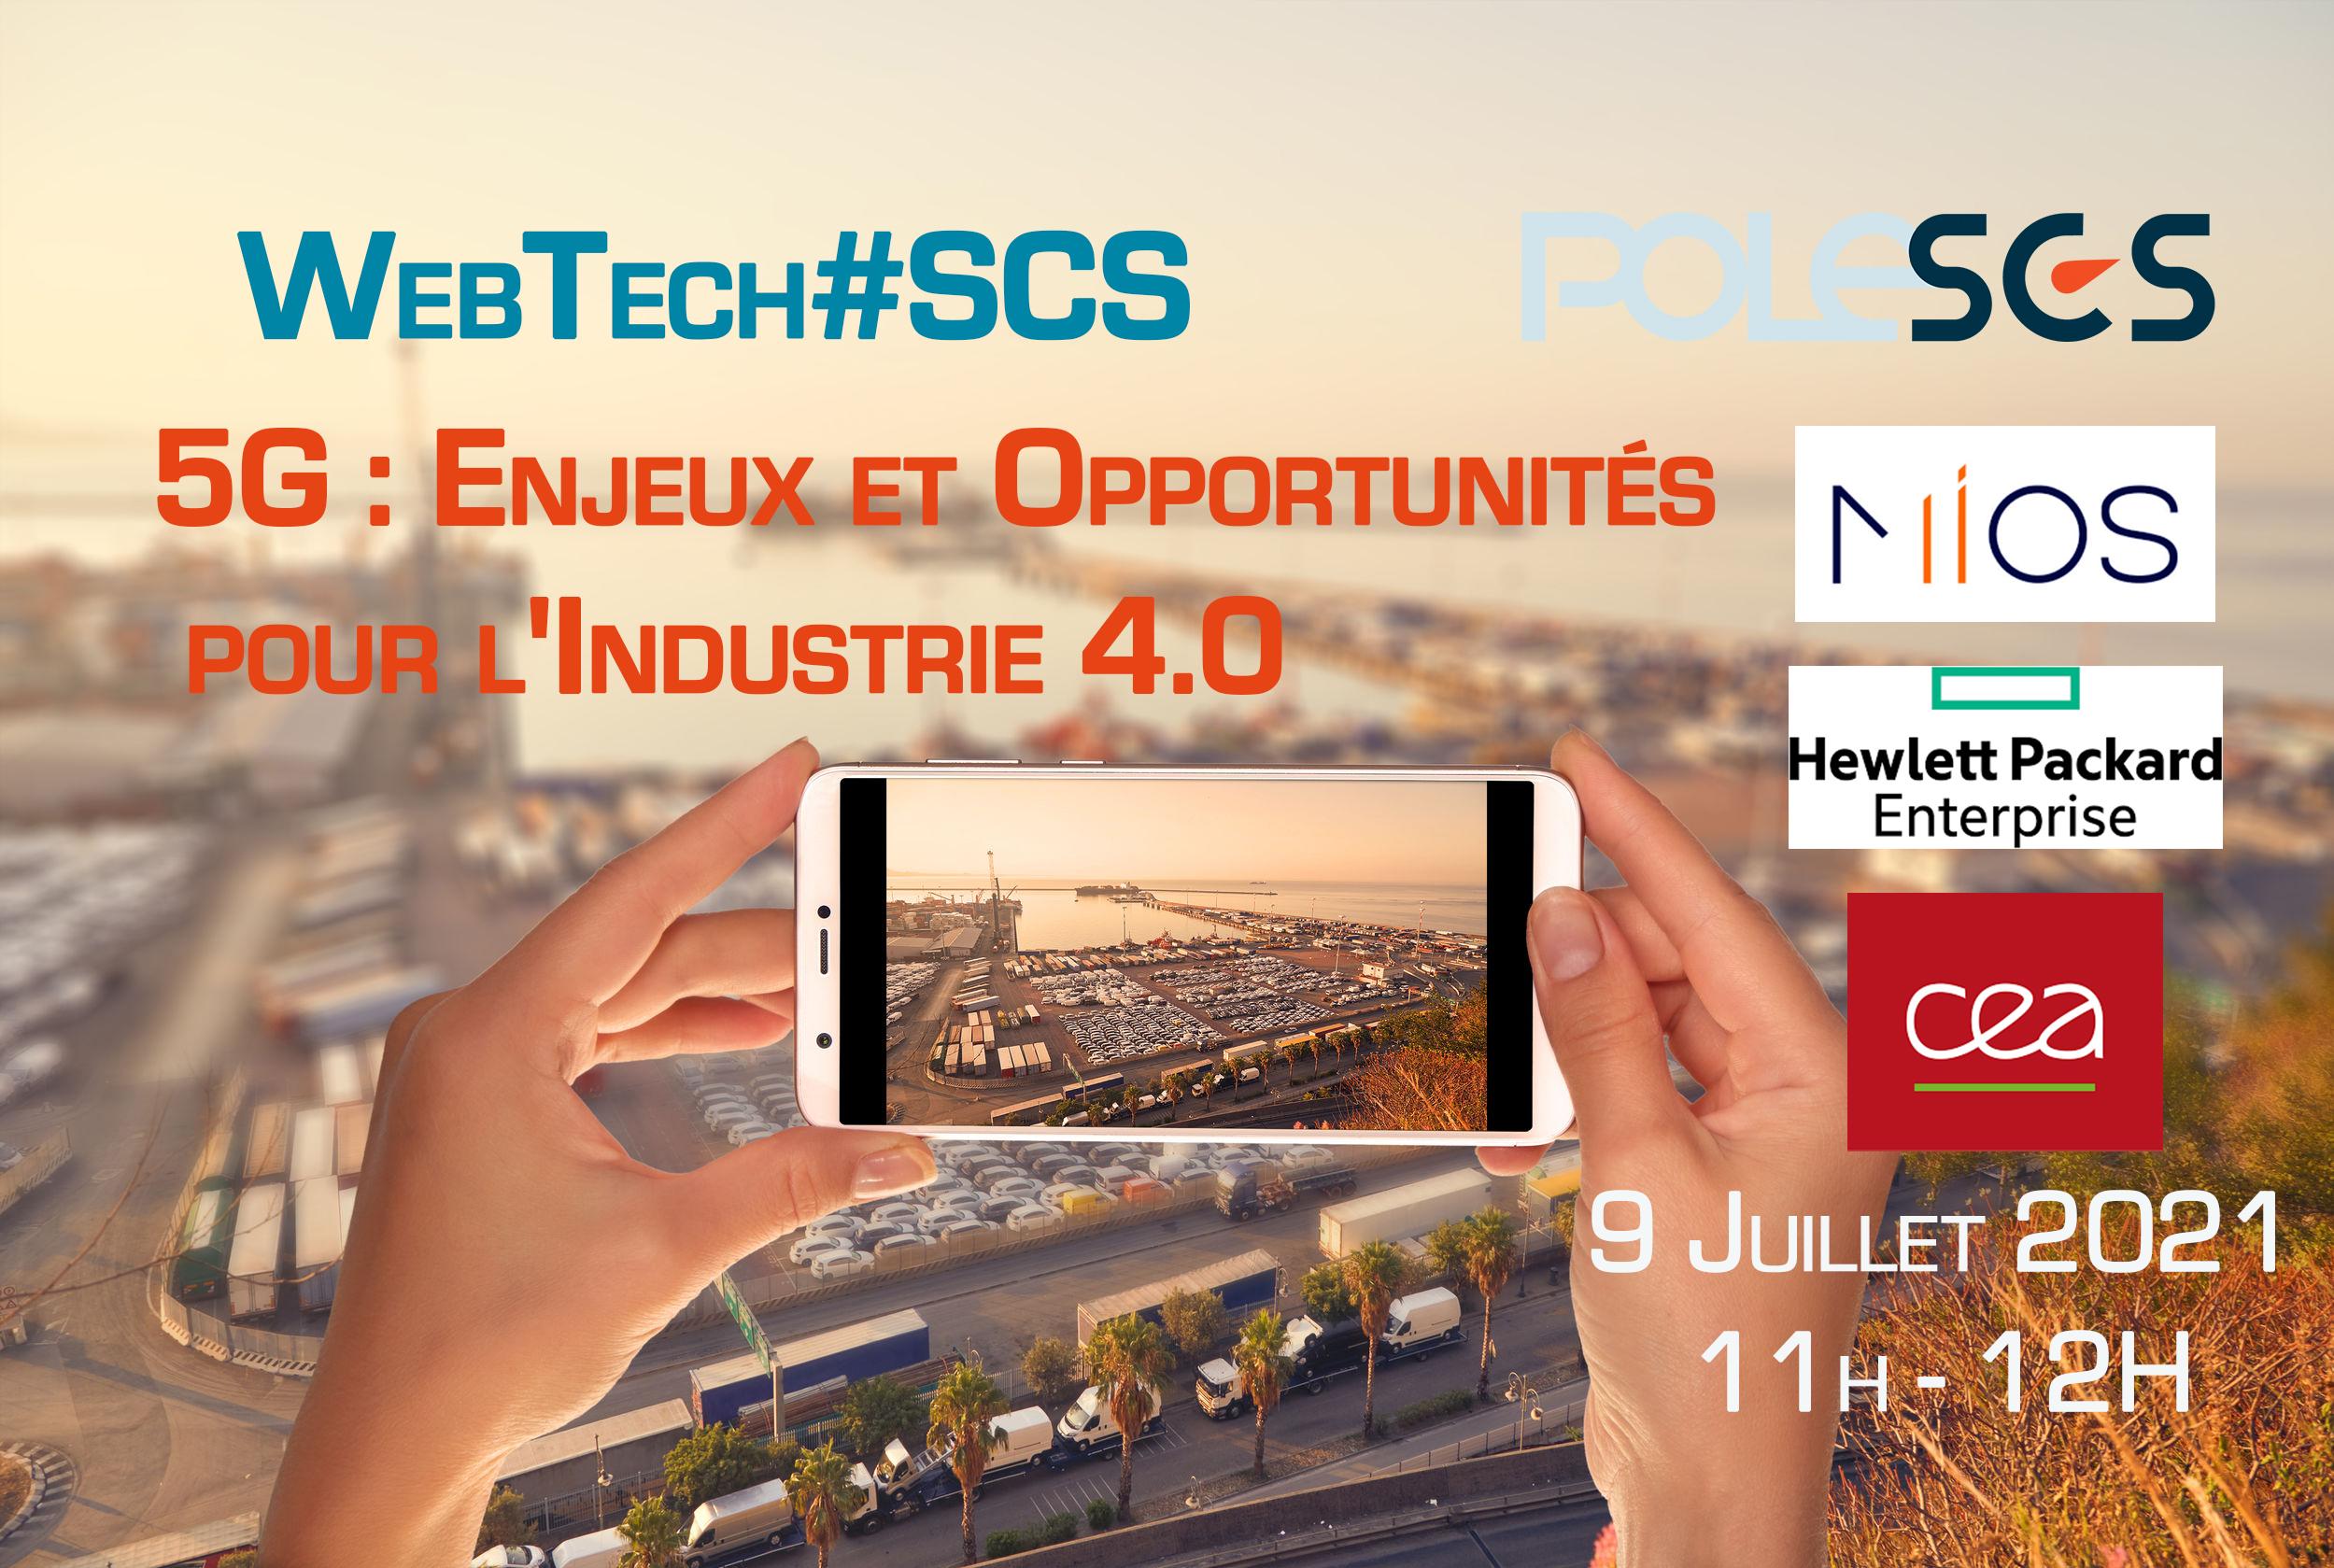 WebTech#SCS – 5G : Enjeux et Opportunités pour l'Industrie 4.0